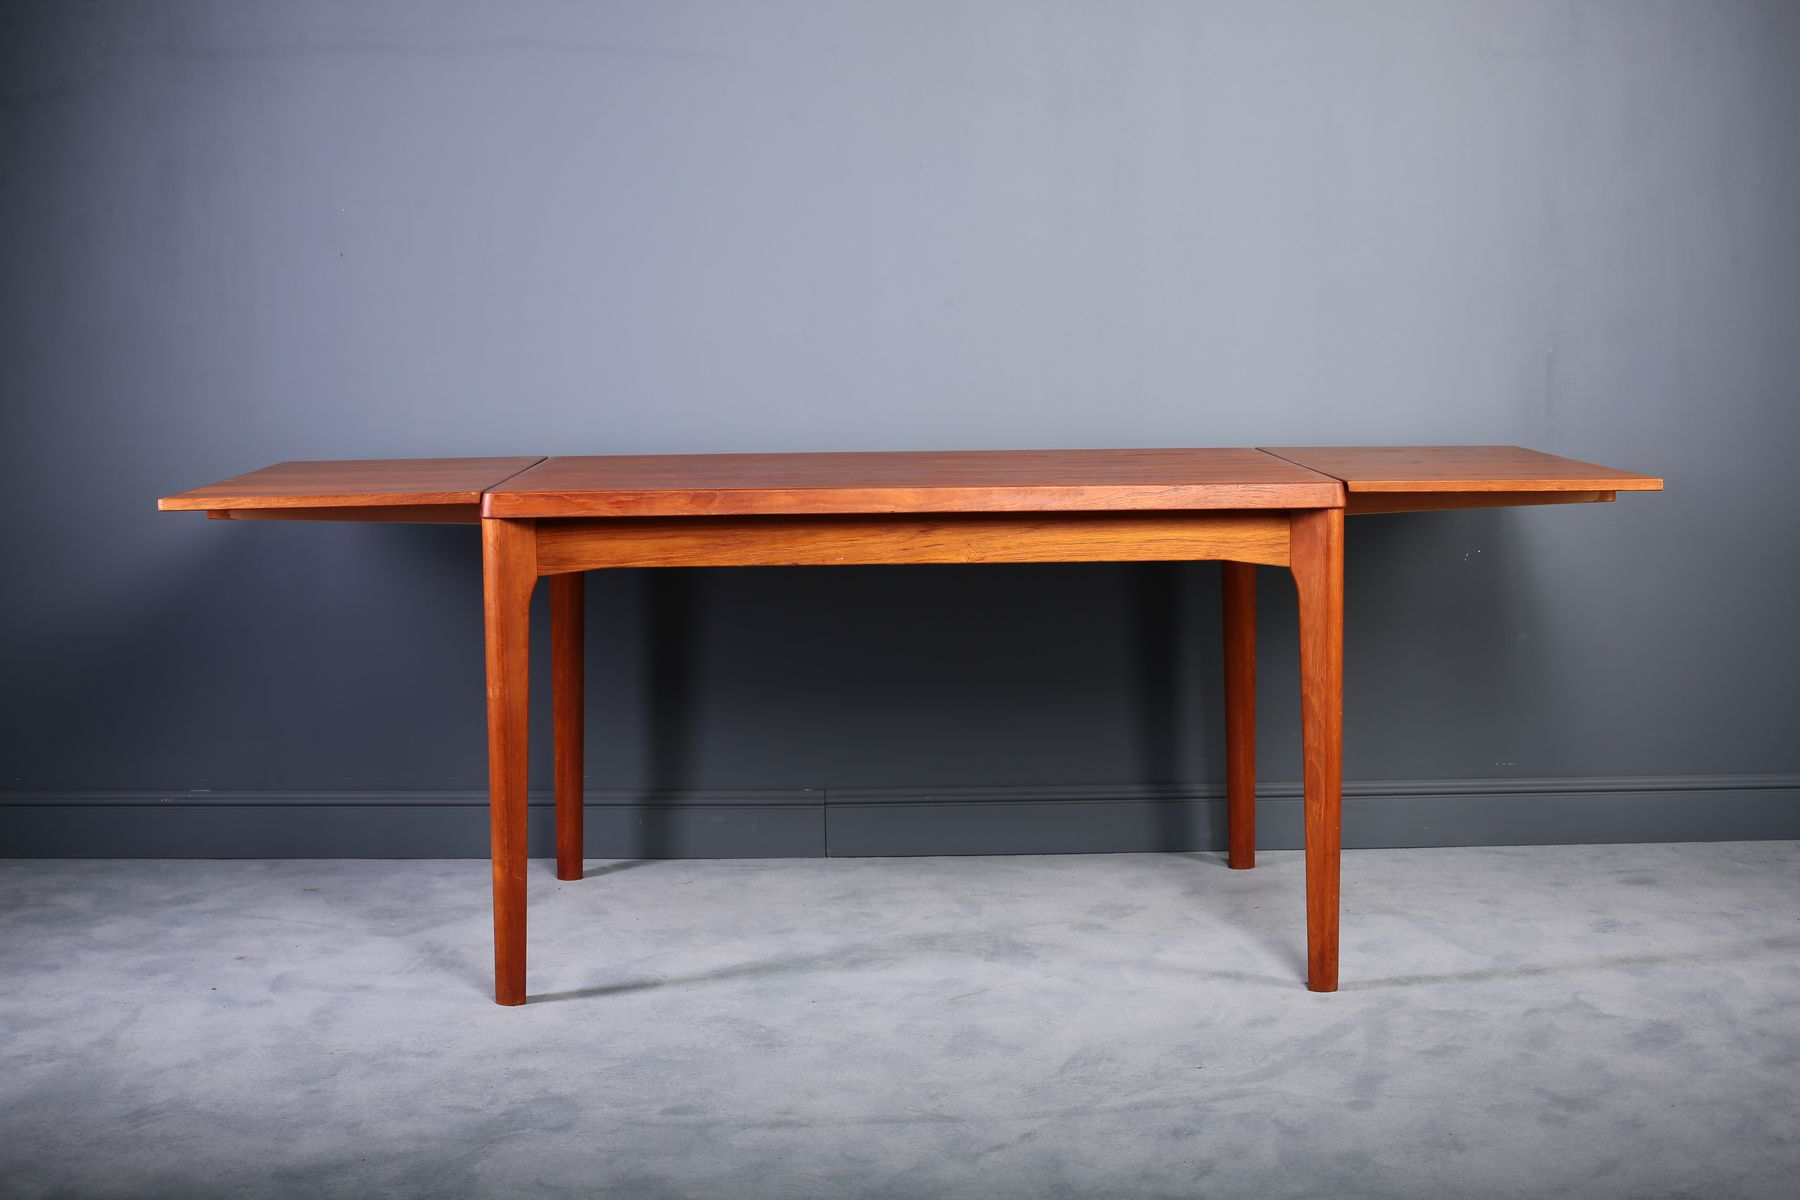 teakholz esstisch von henning kjaernulf f r vejle m belfabrik 1960er bei pamono kaufen. Black Bedroom Furniture Sets. Home Design Ideas